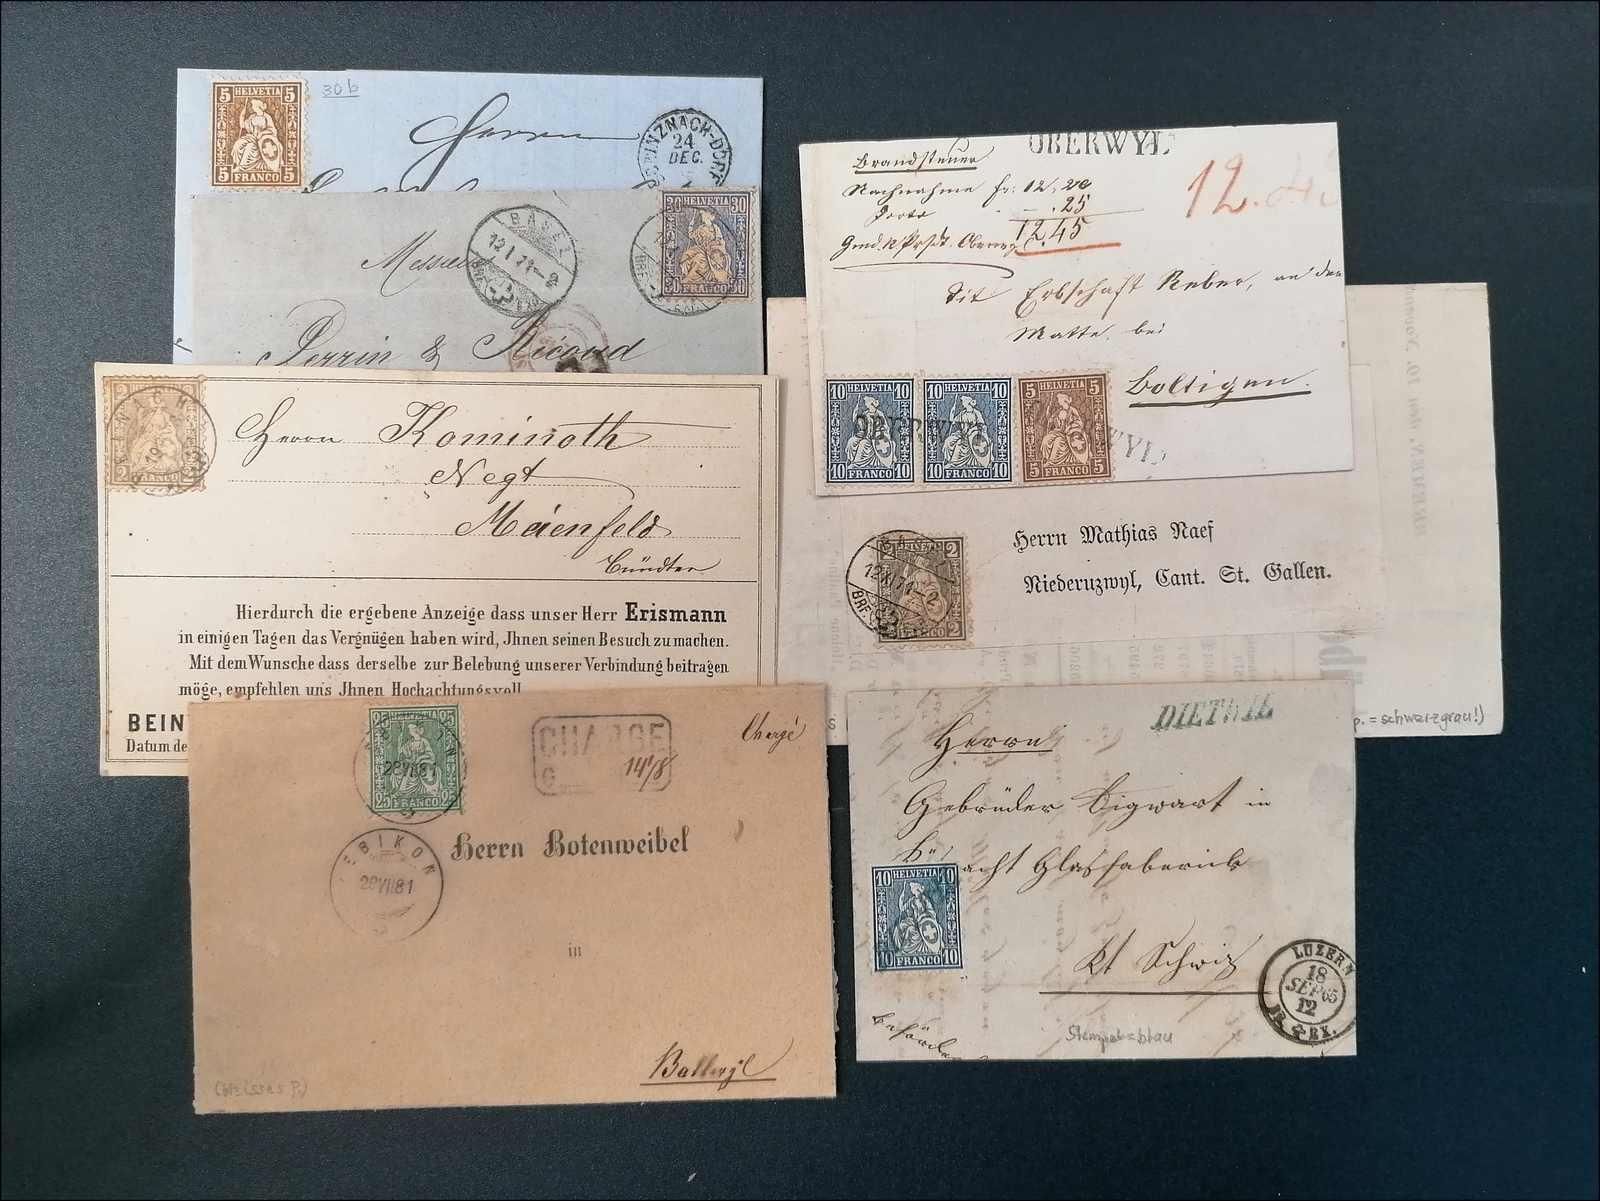 Lot 103 - schweiz Schweiz Sitzende Helvetia gezähnt -  Rolli Auctions Auction #68 Day 1